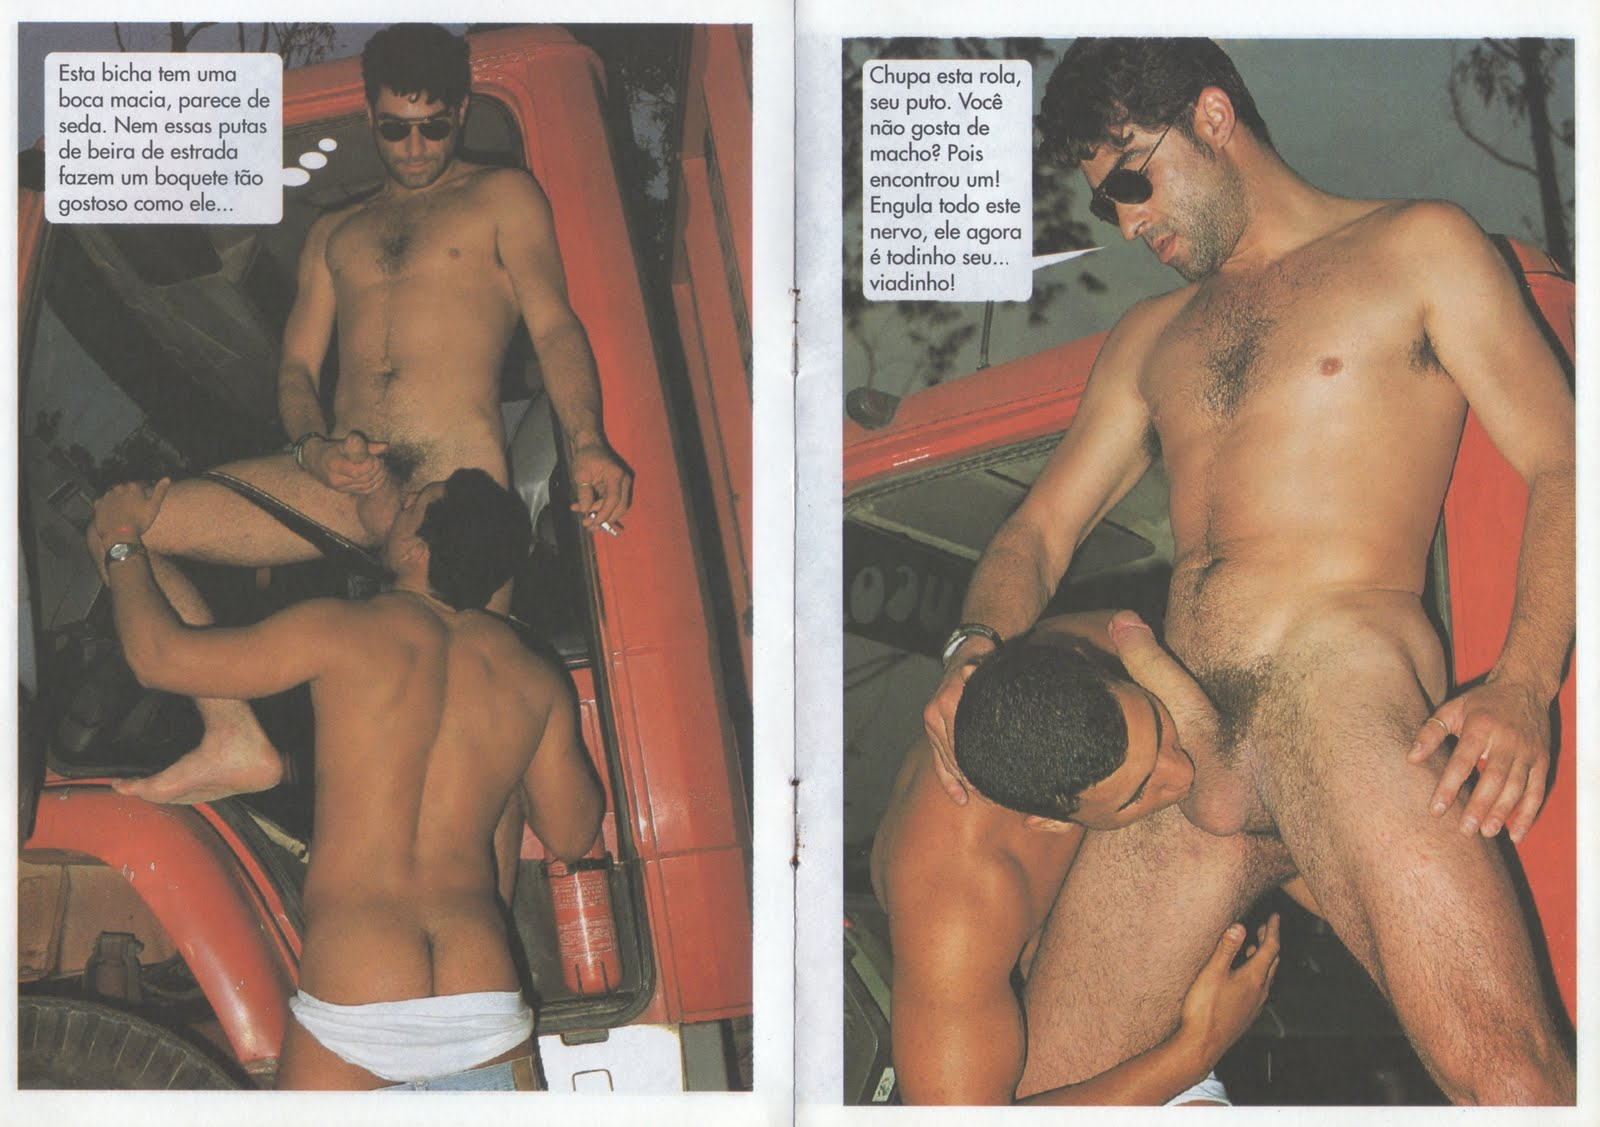 De Homem Pelado Porno Gay Revistas Nu Masculino Homens Pelados